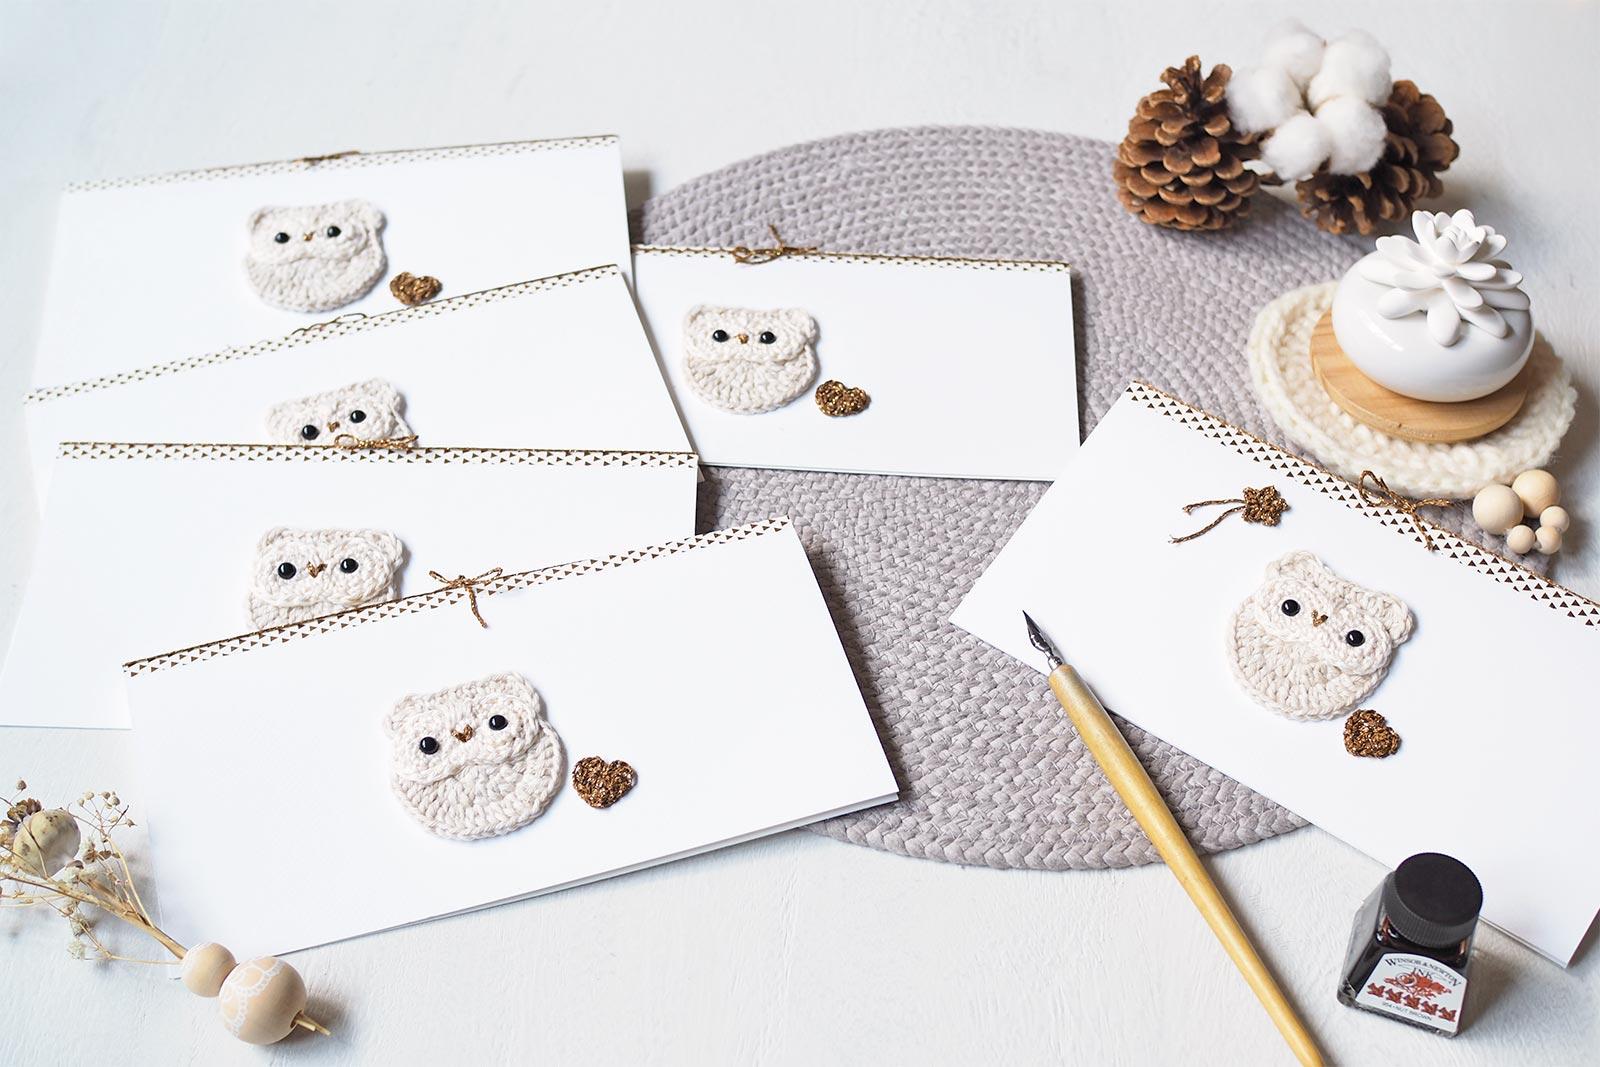 Cartes de voeux Chouette des Neiges Nöel Christmas best wishes laboutiquedemelimelo